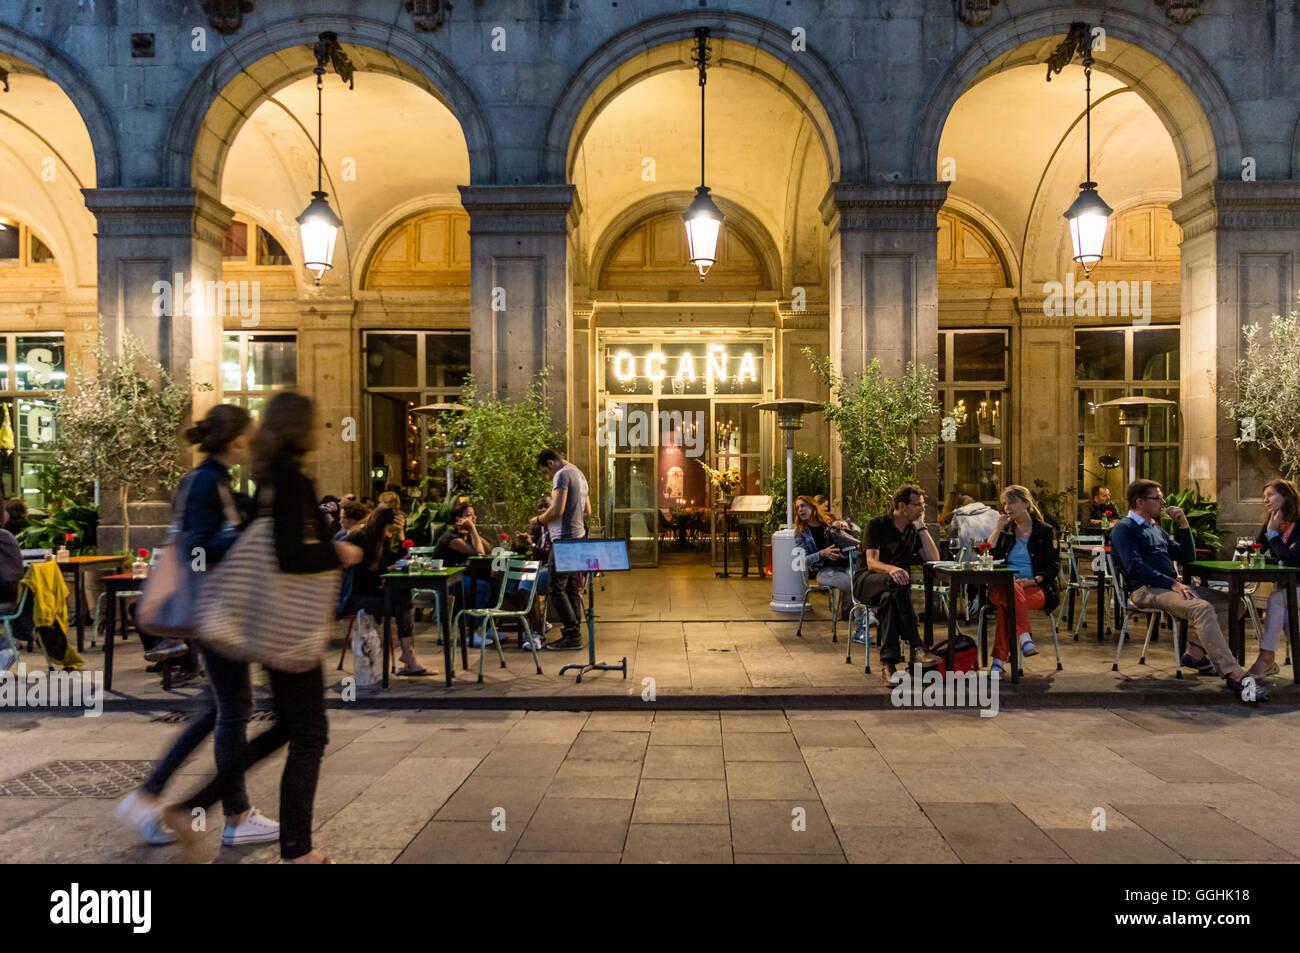 Ocana Bar, Club, Placa Reial, Barri Gotic, Barcelona, Catalonia, Spain - Stock Image